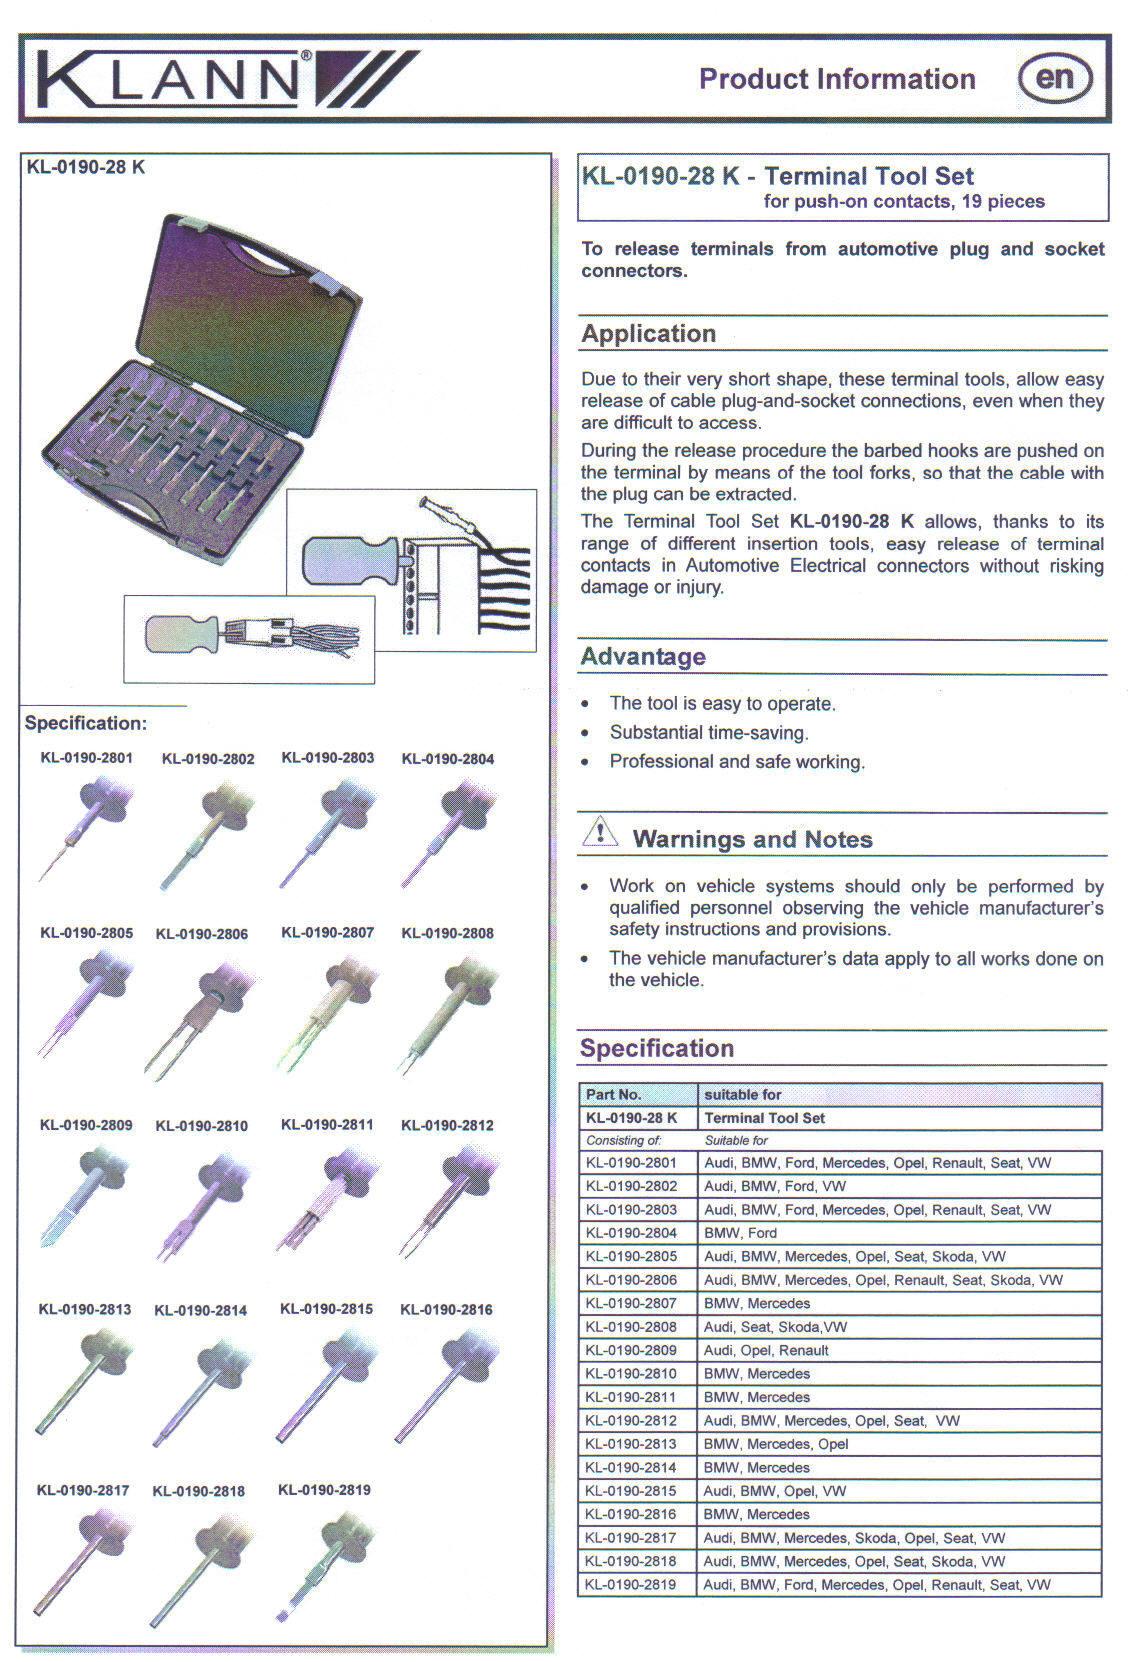 KL-0190-28-K-INFO